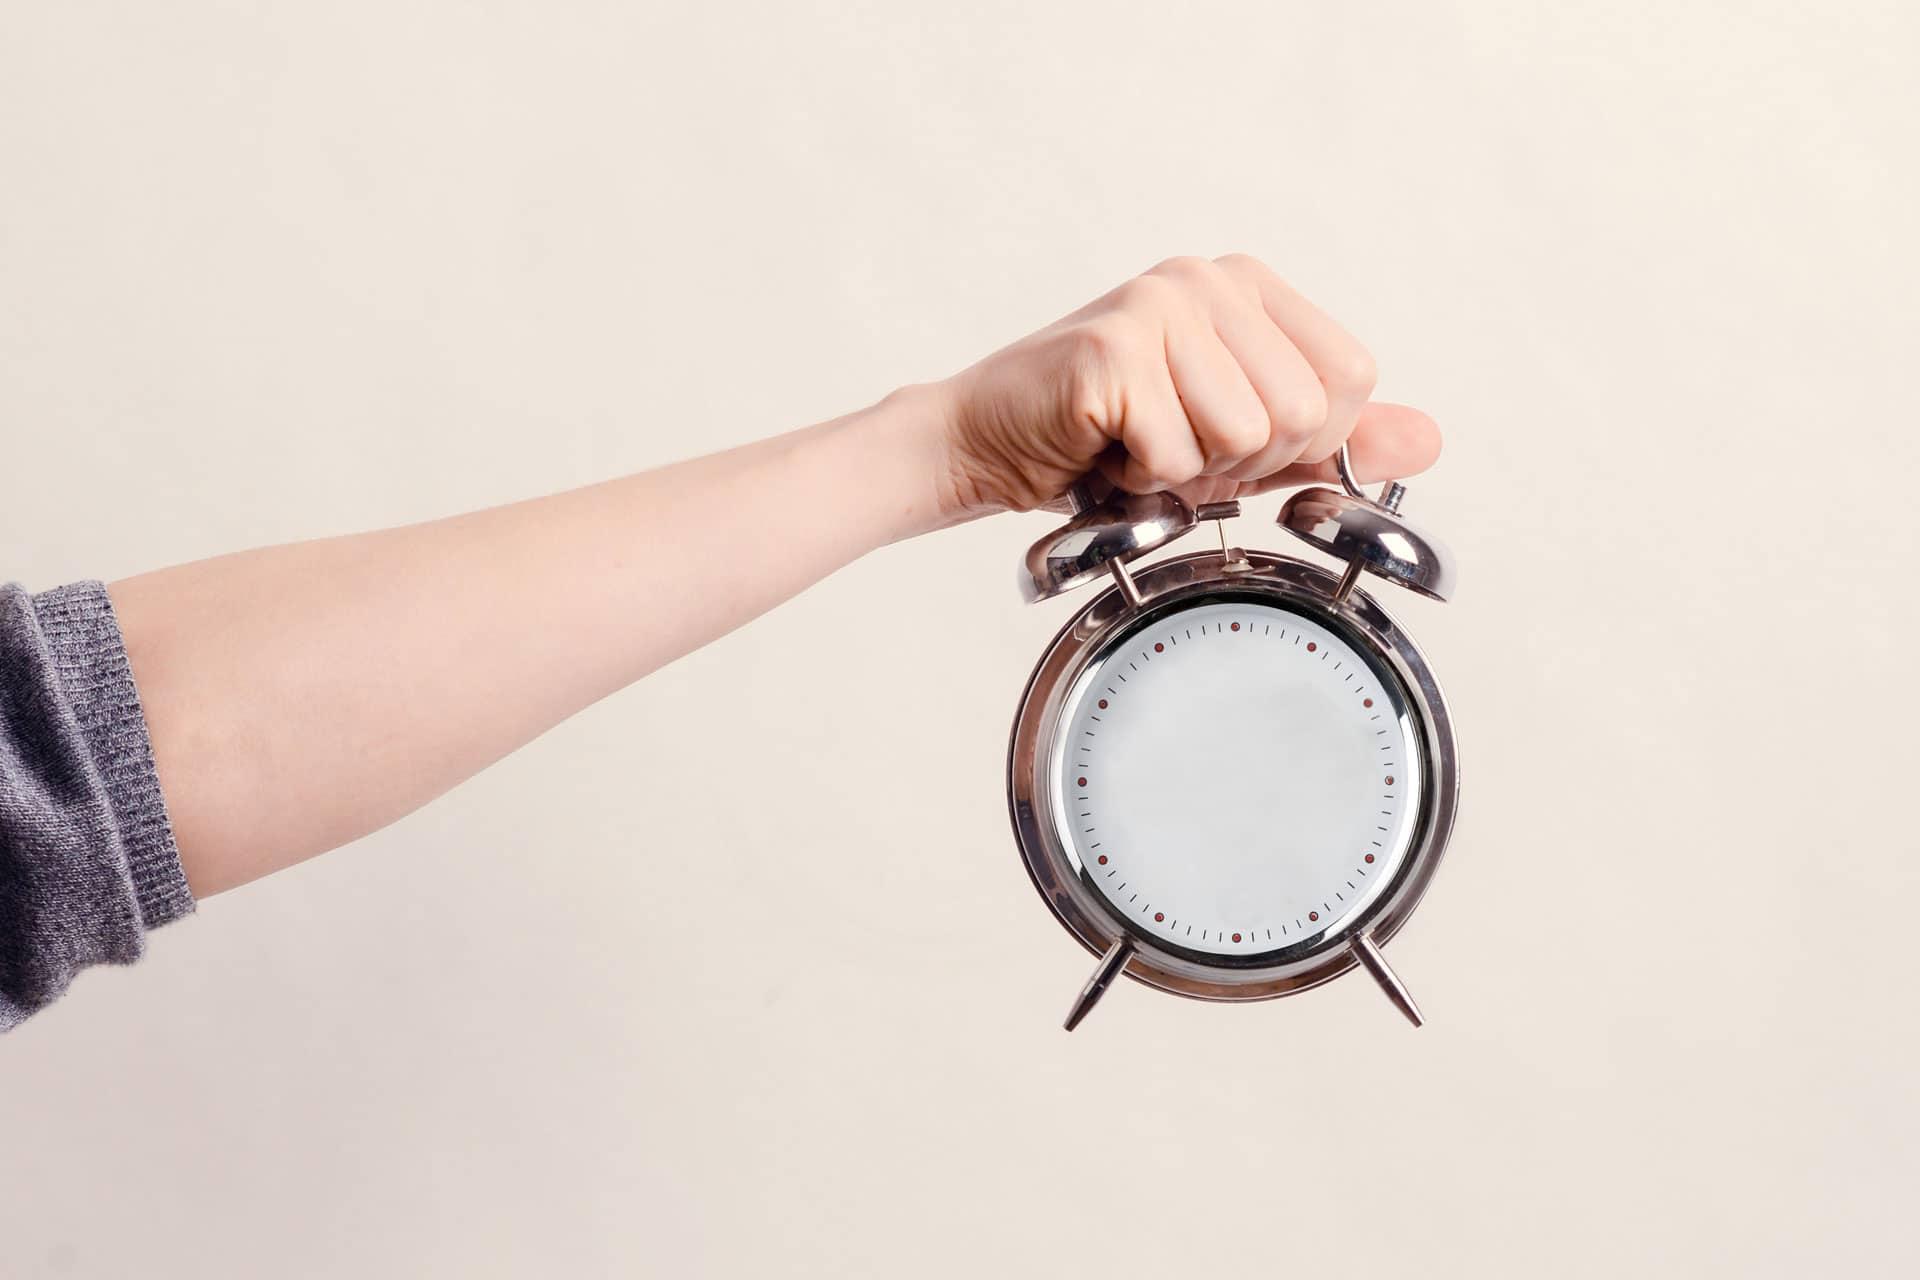 Comment éliminer les «voleurs de temps» de votre vie ?